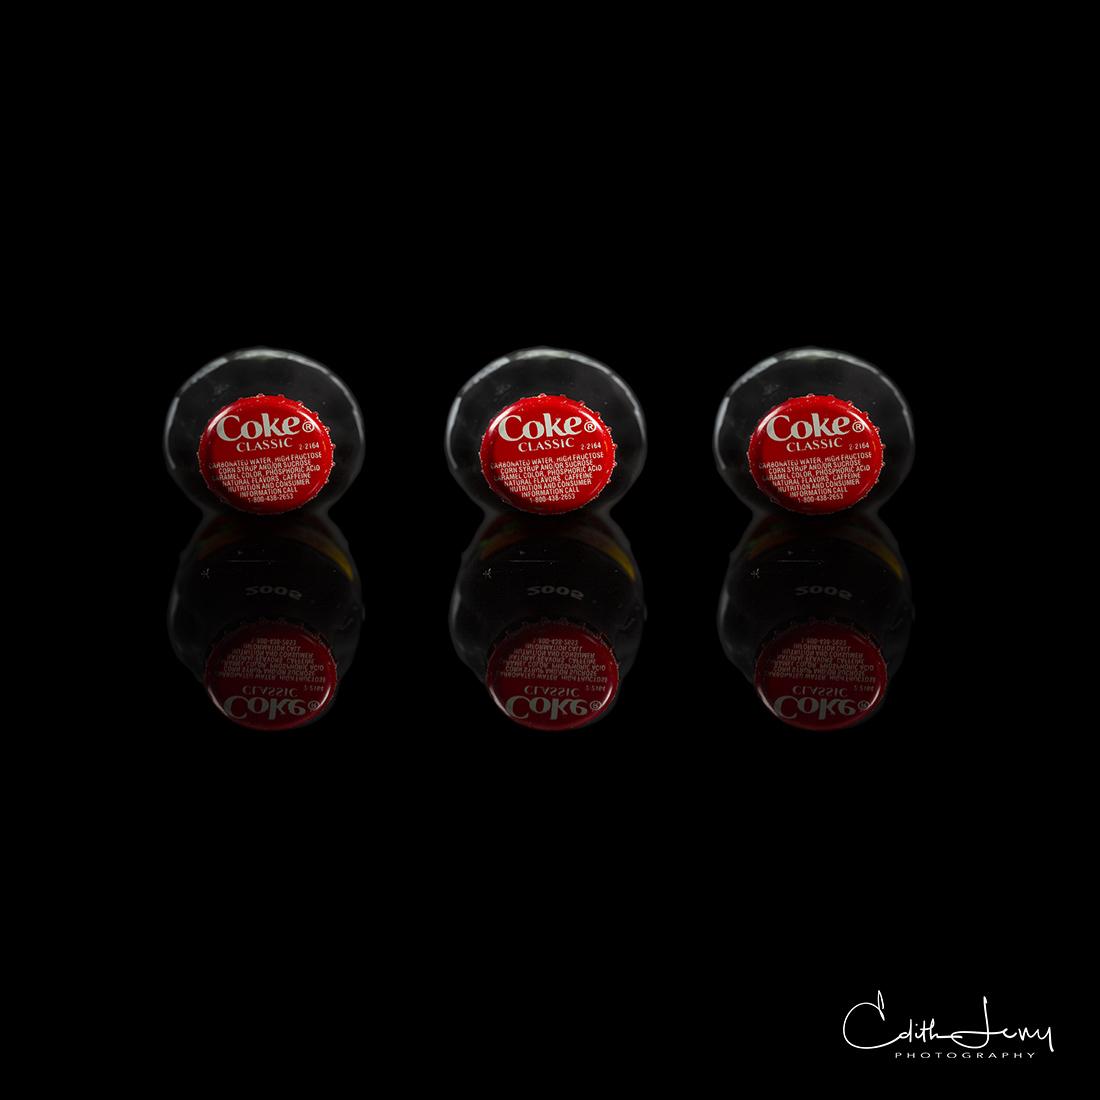 classic, coke, coca cola, bottle, , photo